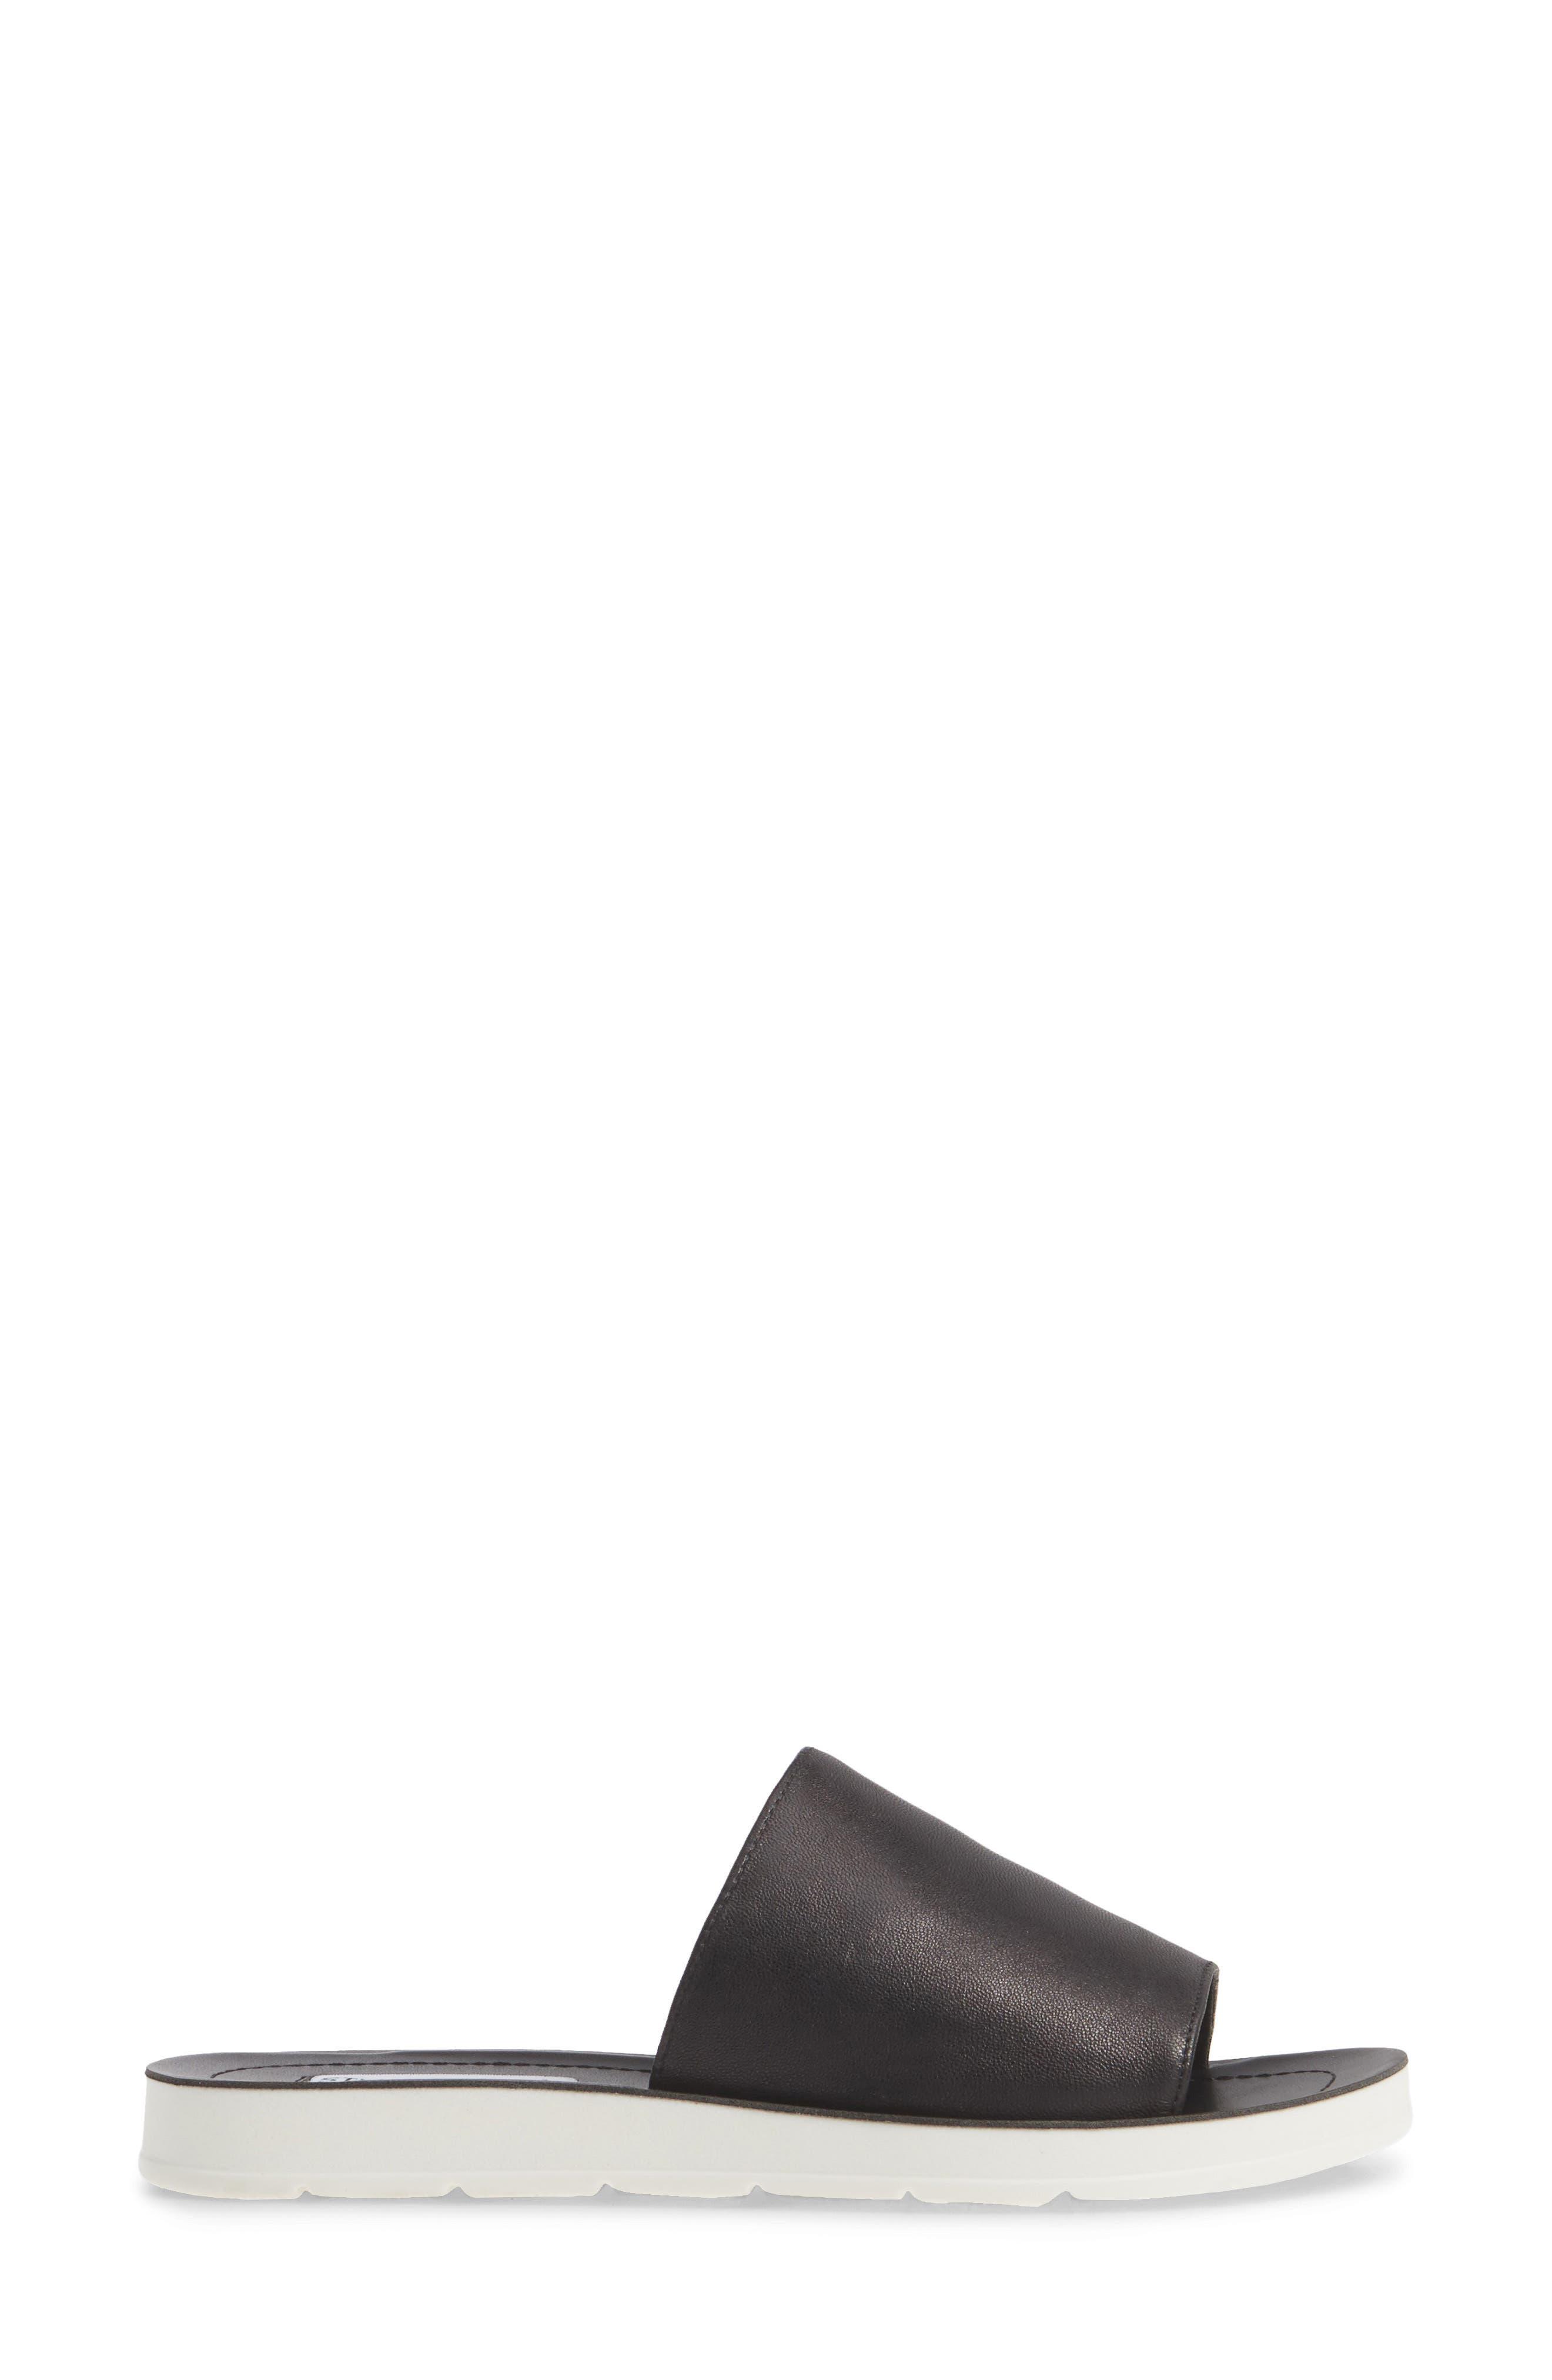 STEVE MADDEN,                             Porter Slide Sandal,                             Alternate thumbnail 3, color,                             BLACK LEATHER